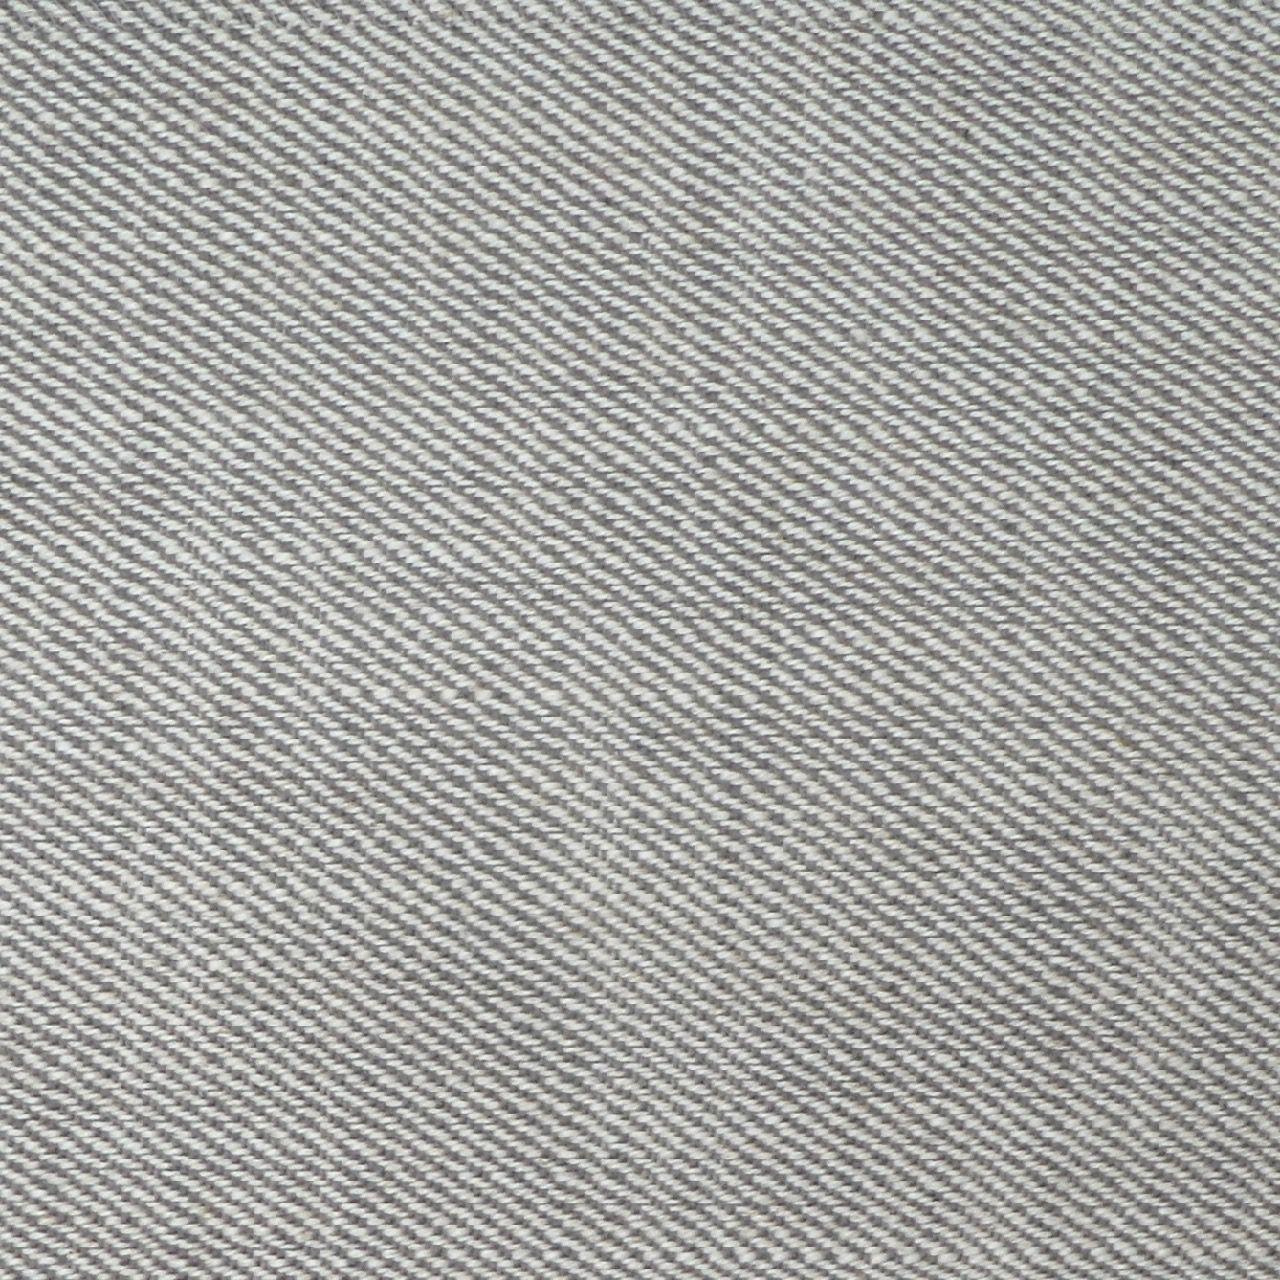 Fabric - Callie Ecru (B)